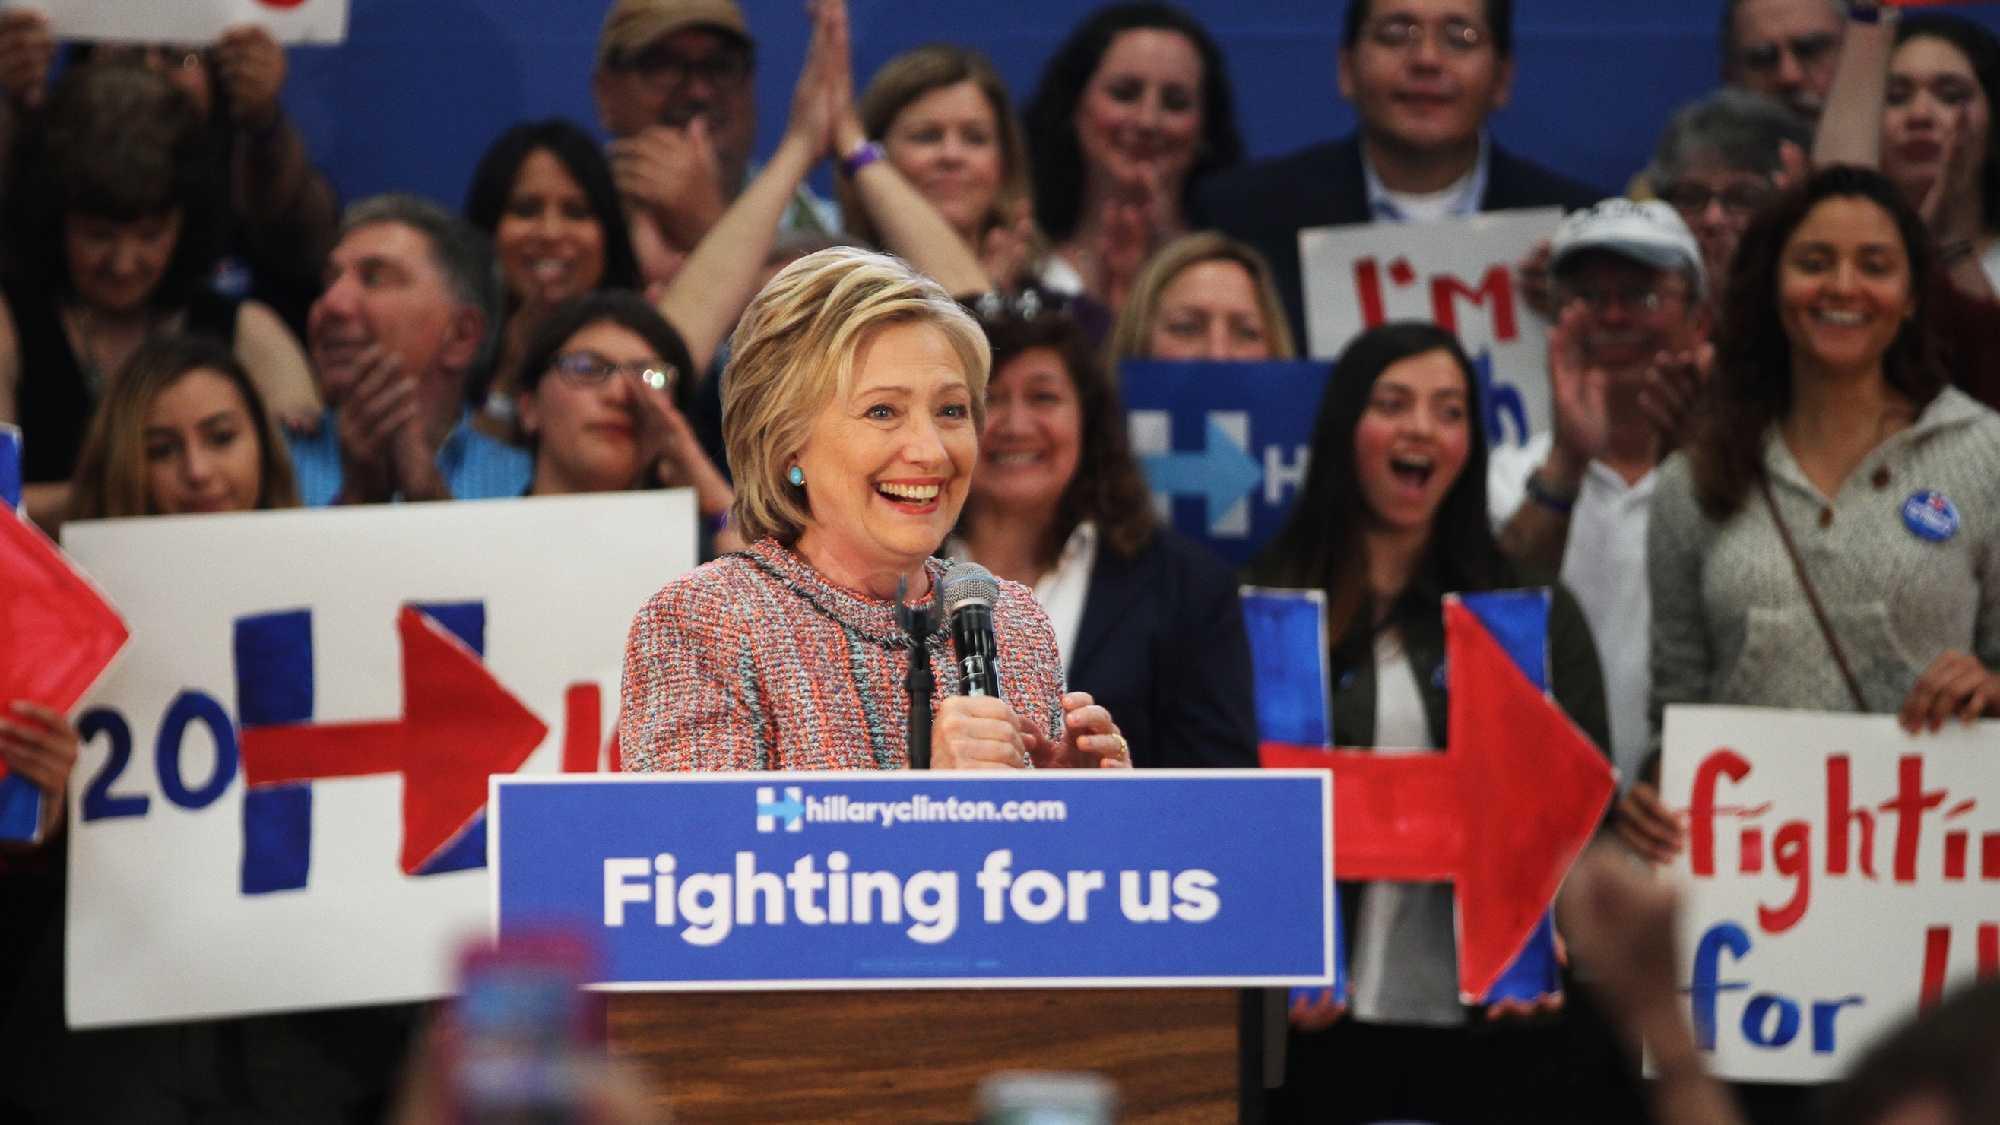 Hillary Clinton campaigning in Salinas (May 26, 2016)